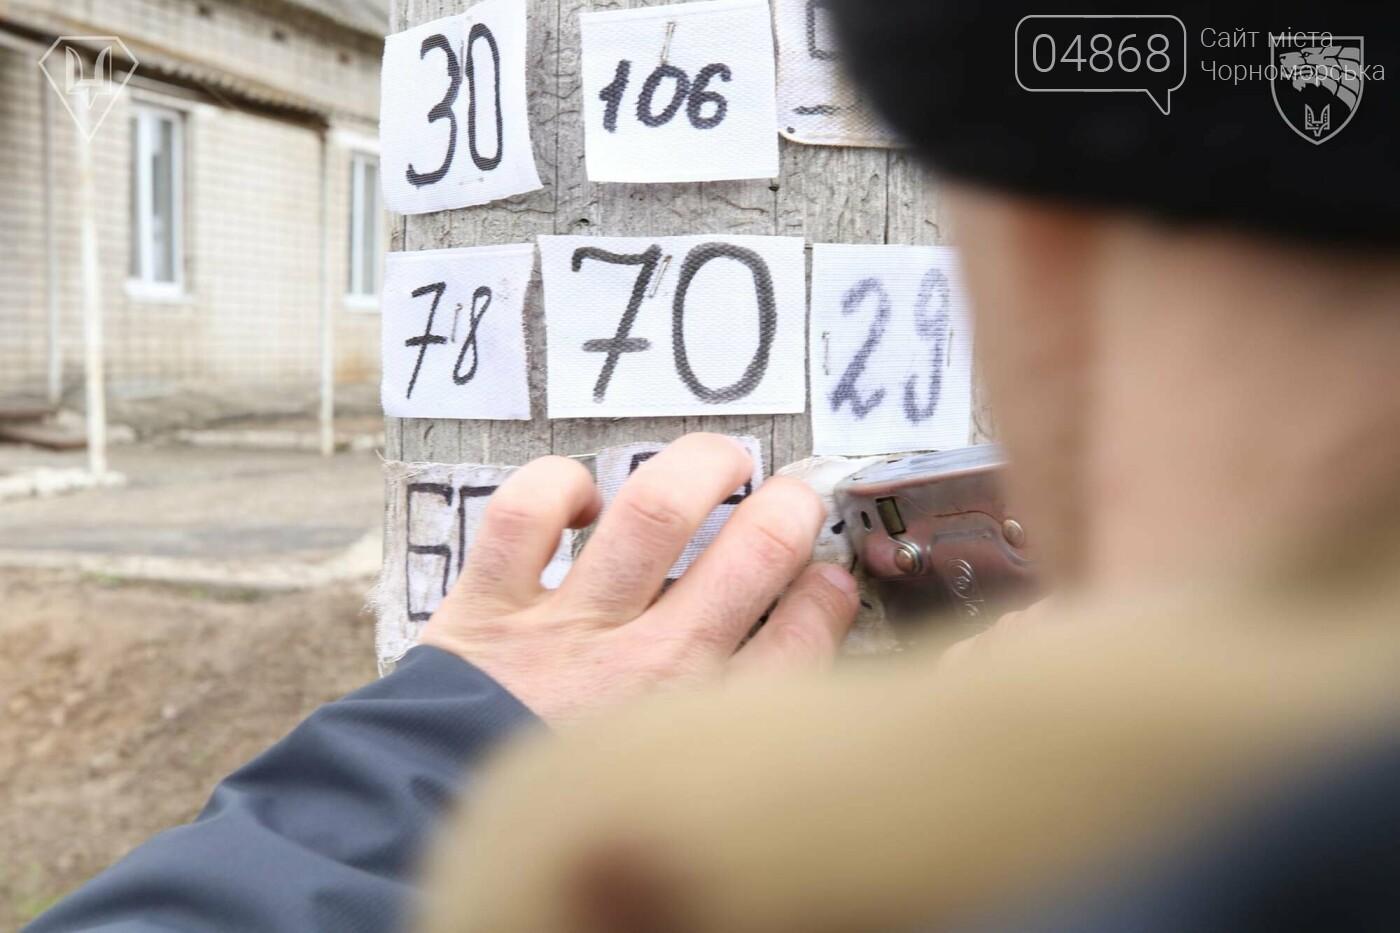 Первая женщина в Украине прошла отбор в Силы спецопераций ВСУ, фото-3